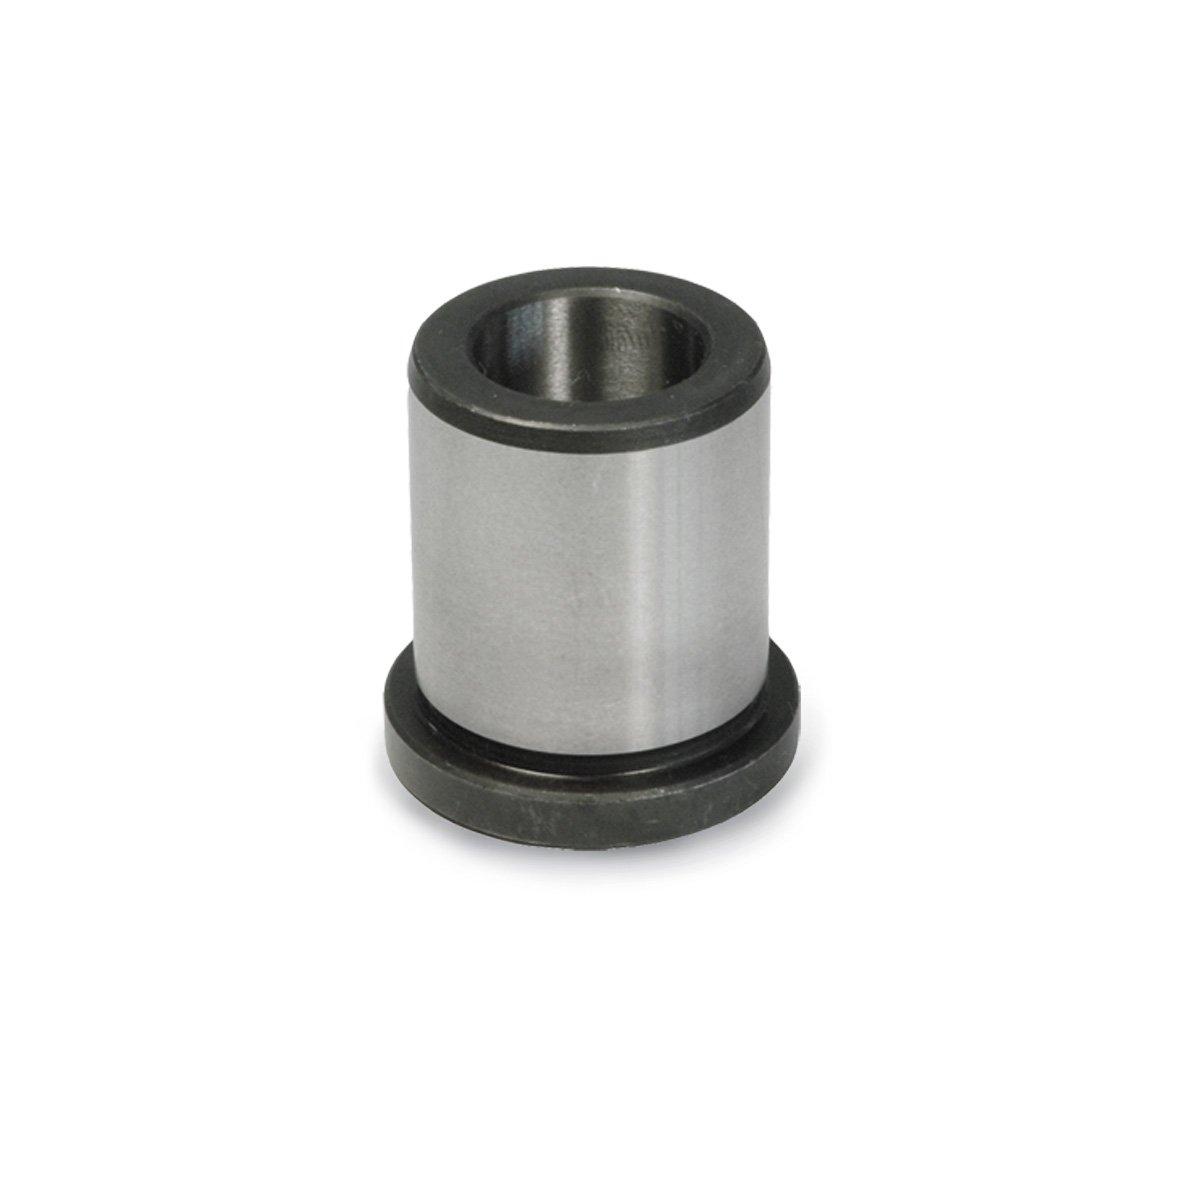 Steel J.W B6.1 x 10 mm Winco DIN172A0155 DIN172 Drill Bushing